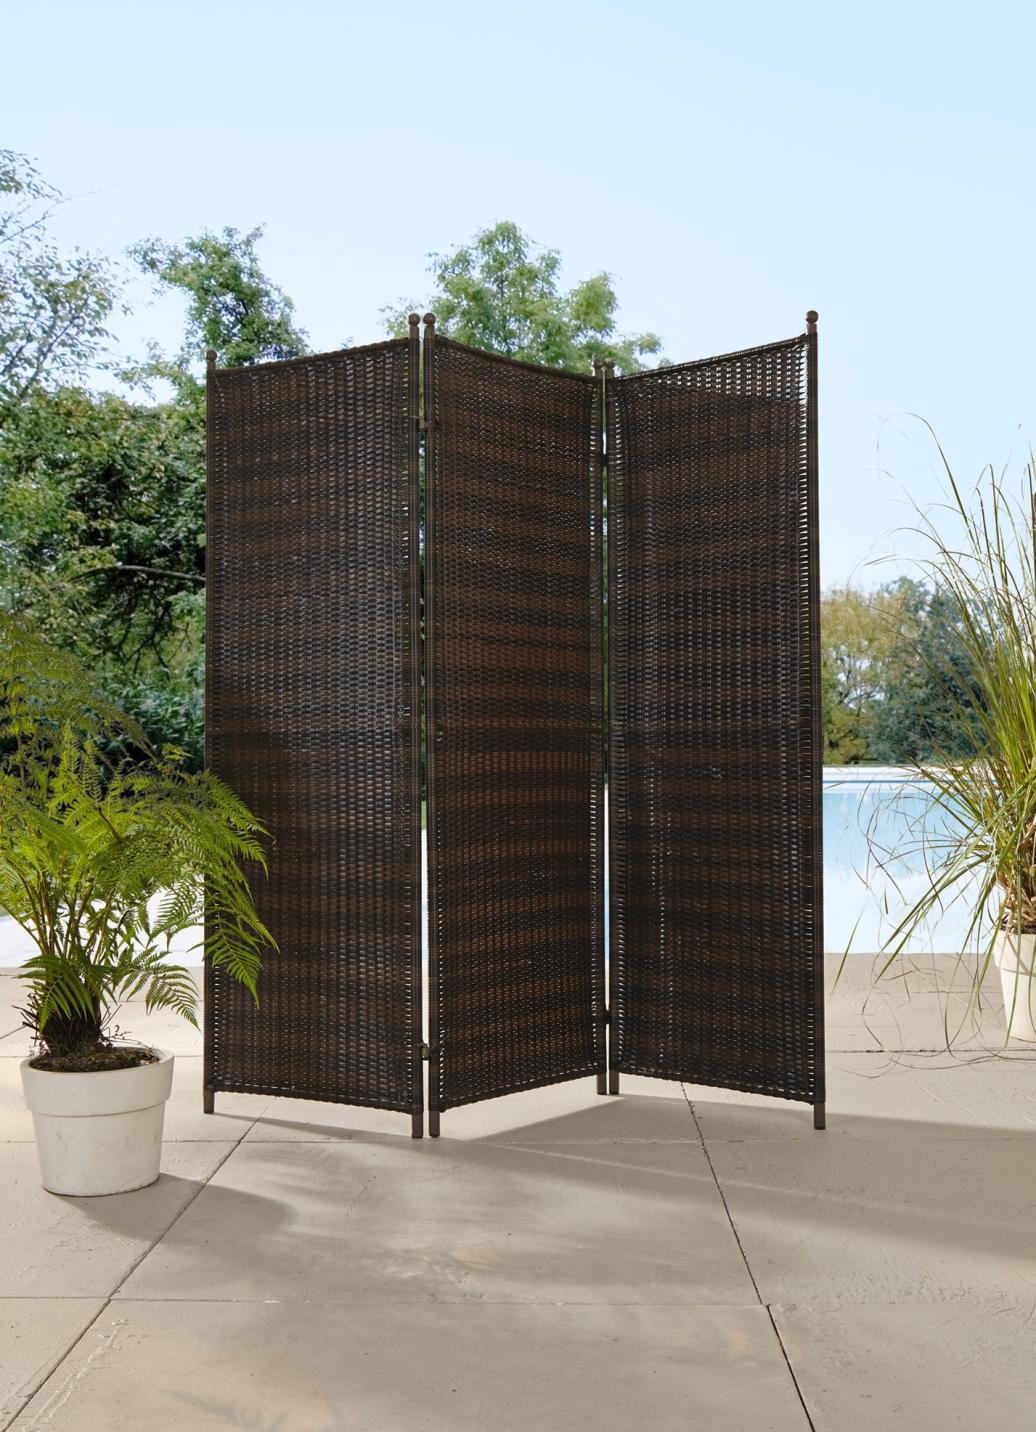 paravent aus kunststoffgeflecht sichtschutz und sonnenschutz bader. Black Bedroom Furniture Sets. Home Design Ideas